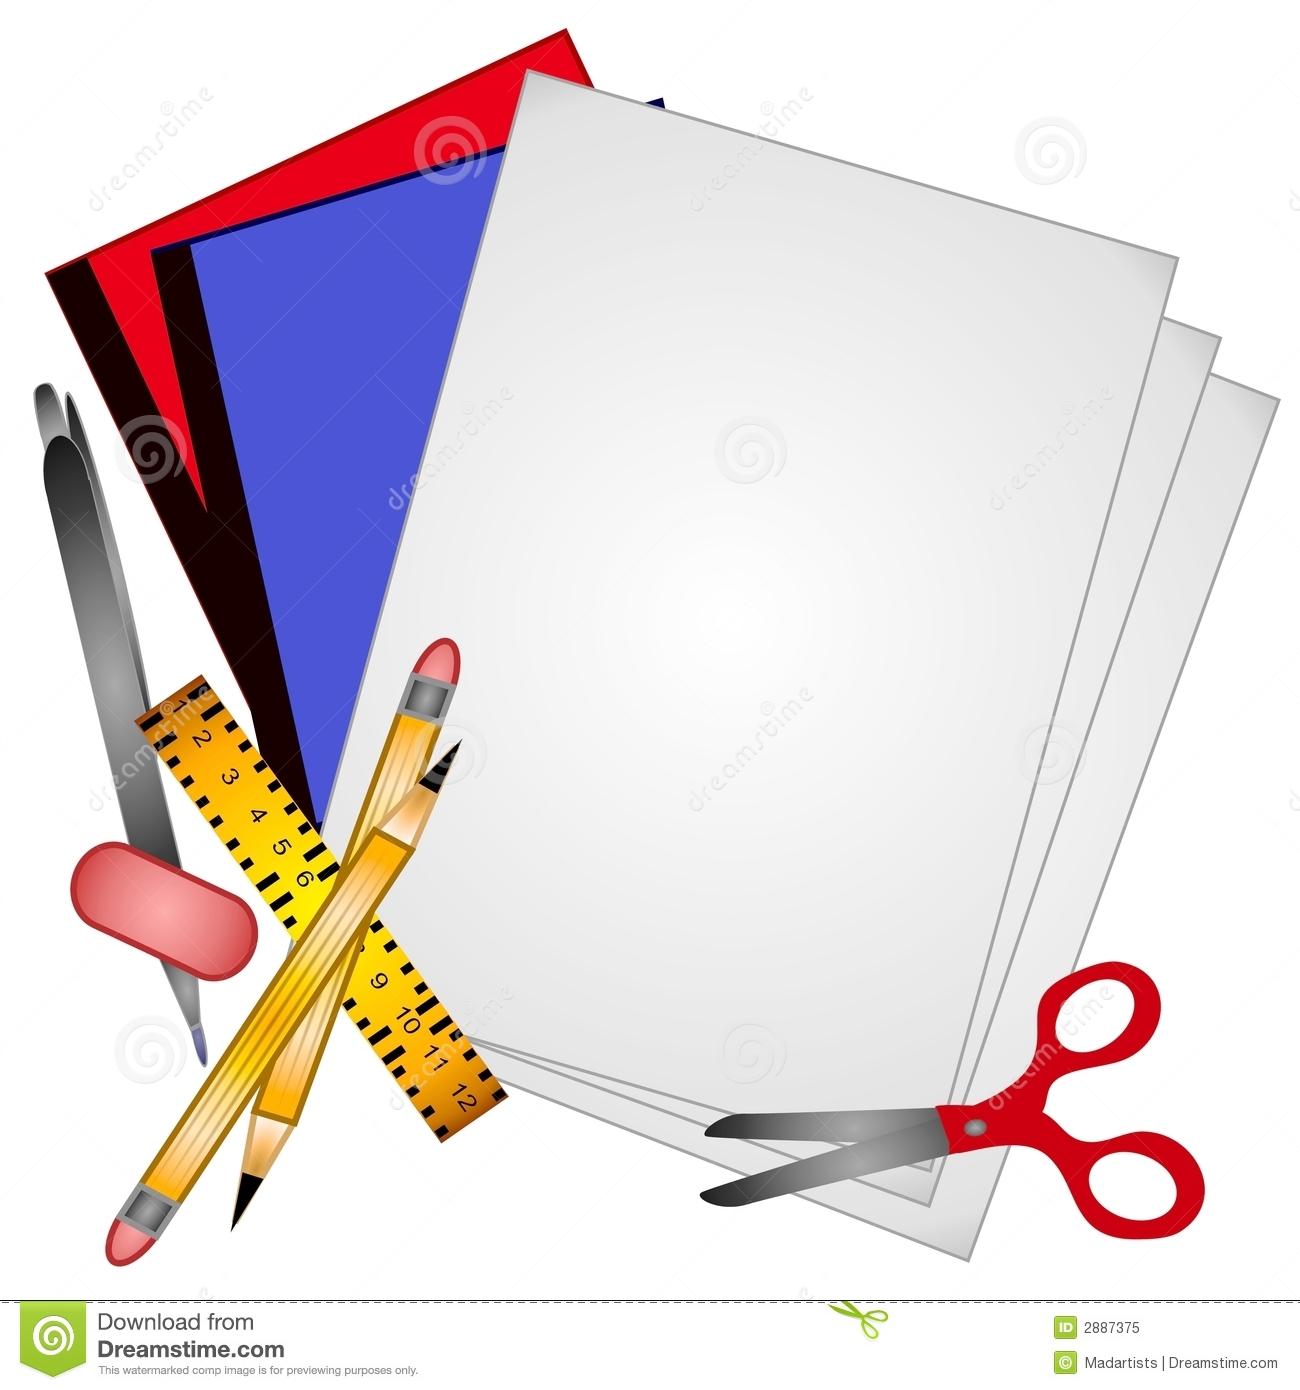 Clipart Clipartall.com School-clipart clipartall.com school-1